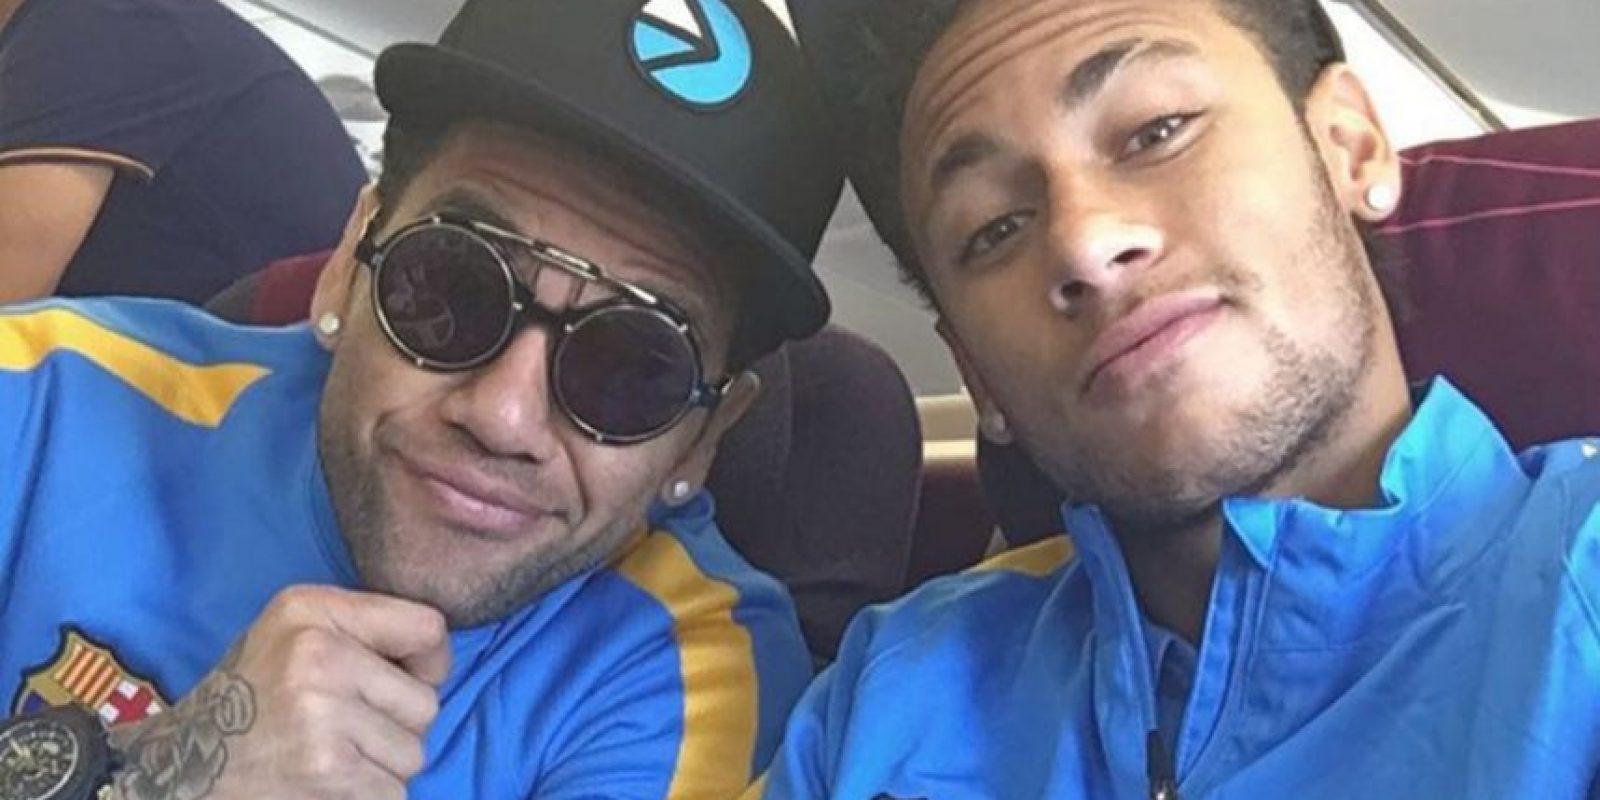 Neymar también compartió una foto del momento. Aquí con su inseparable, Dani Alves. Foto:Vía instagram.com/neymarjr